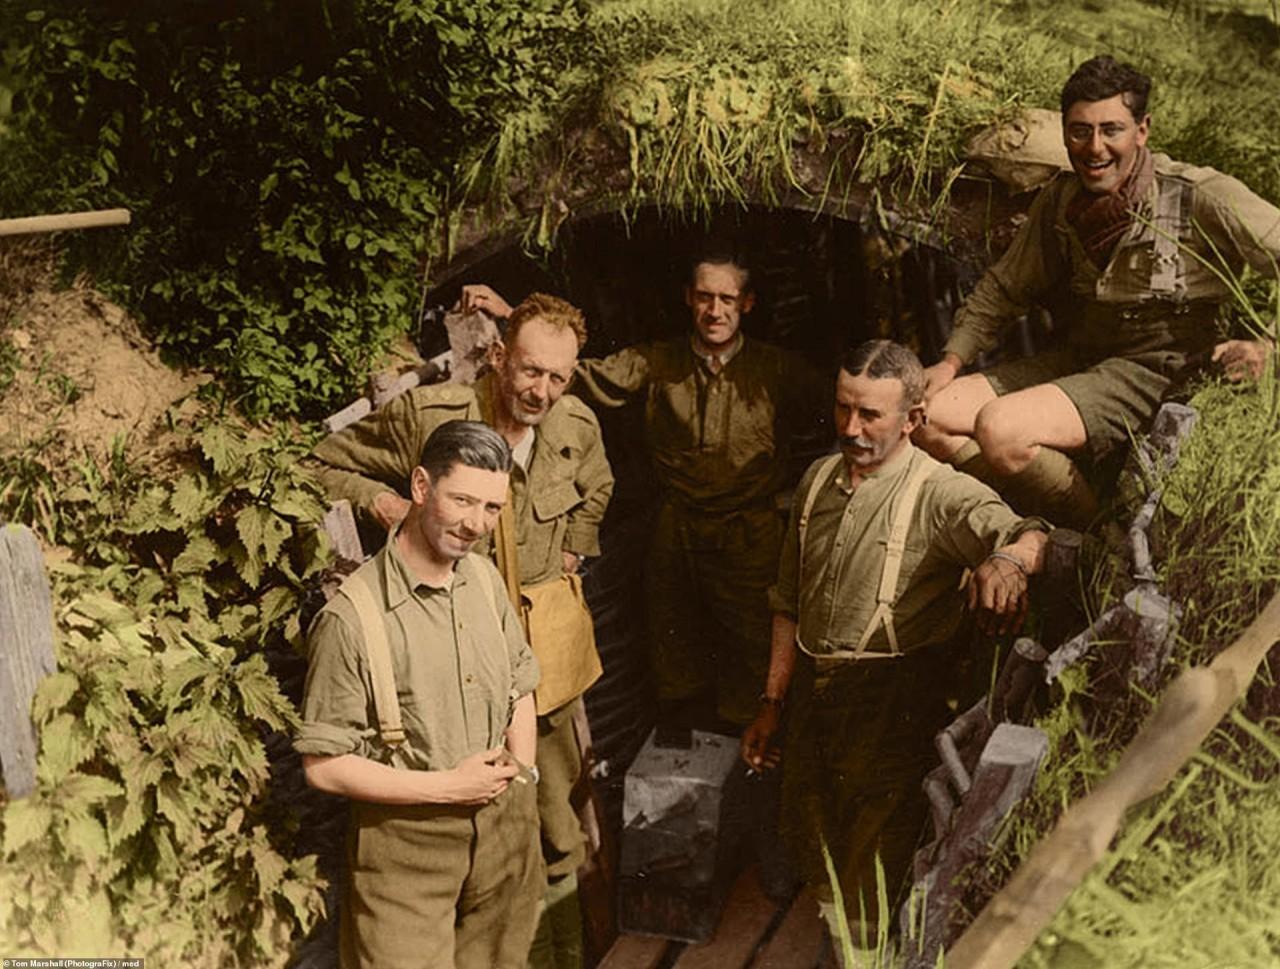 Британские солдаты в немецкой траншее, Месен, Бельгия, 1917 г. архивное фото, колоризация, колоризация фотографий, колоризированные снимки, первая мировая, первая мировая война, фото войны